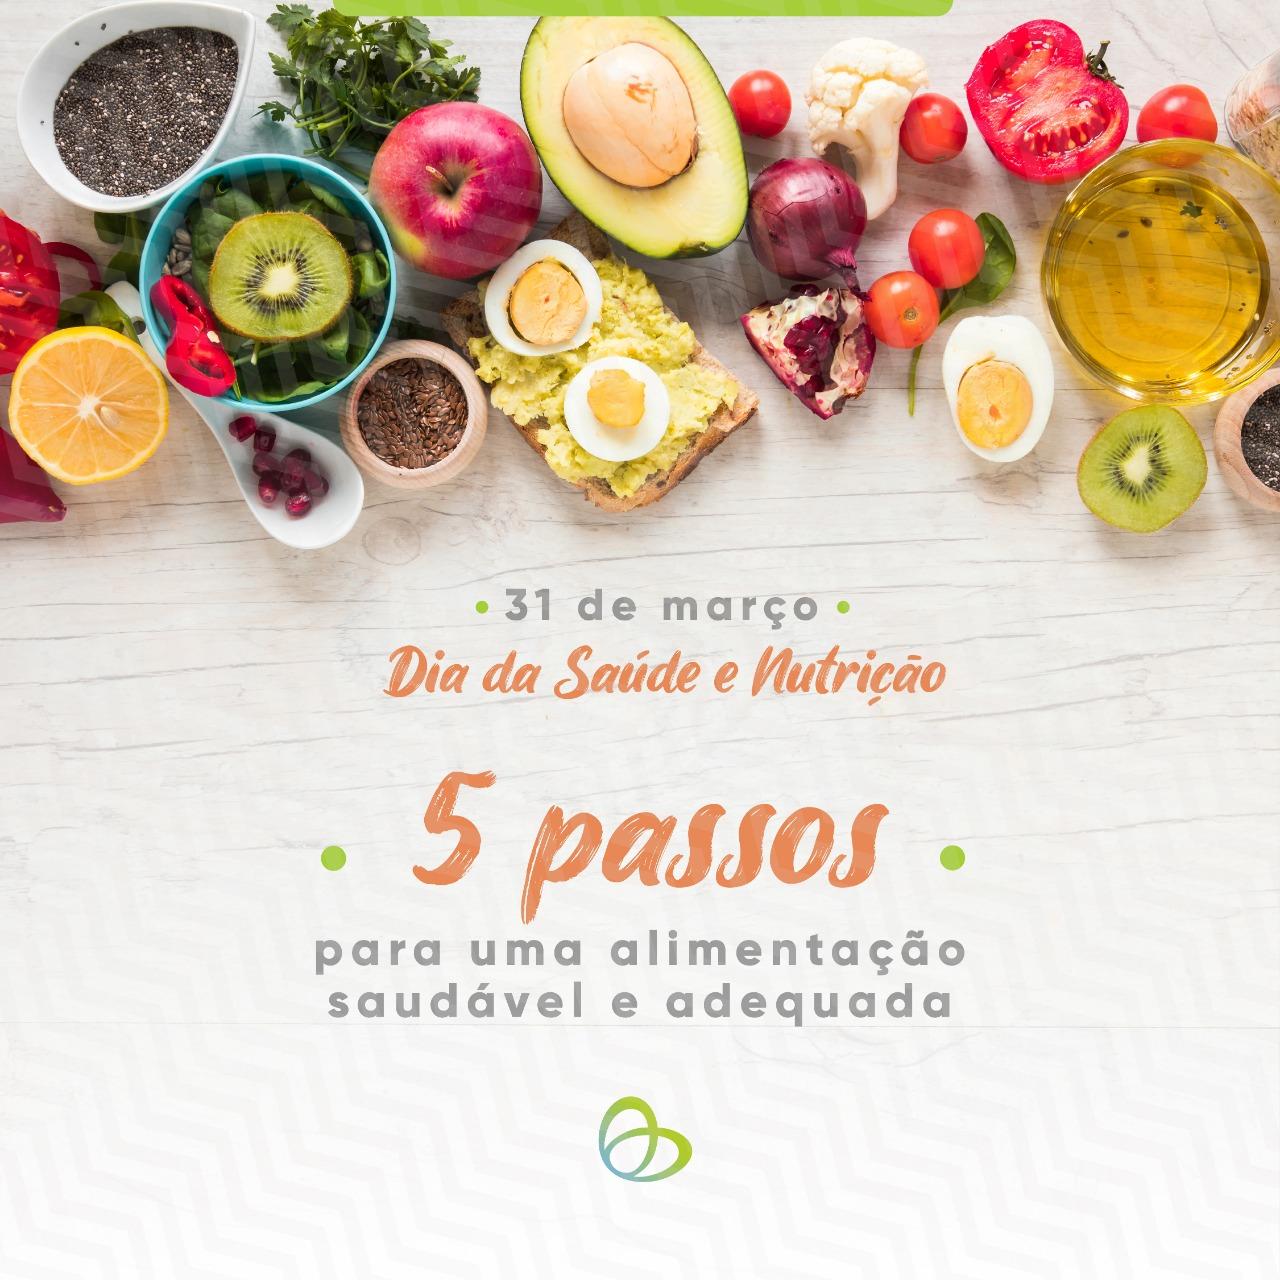 cinco passos alimentação saudavel